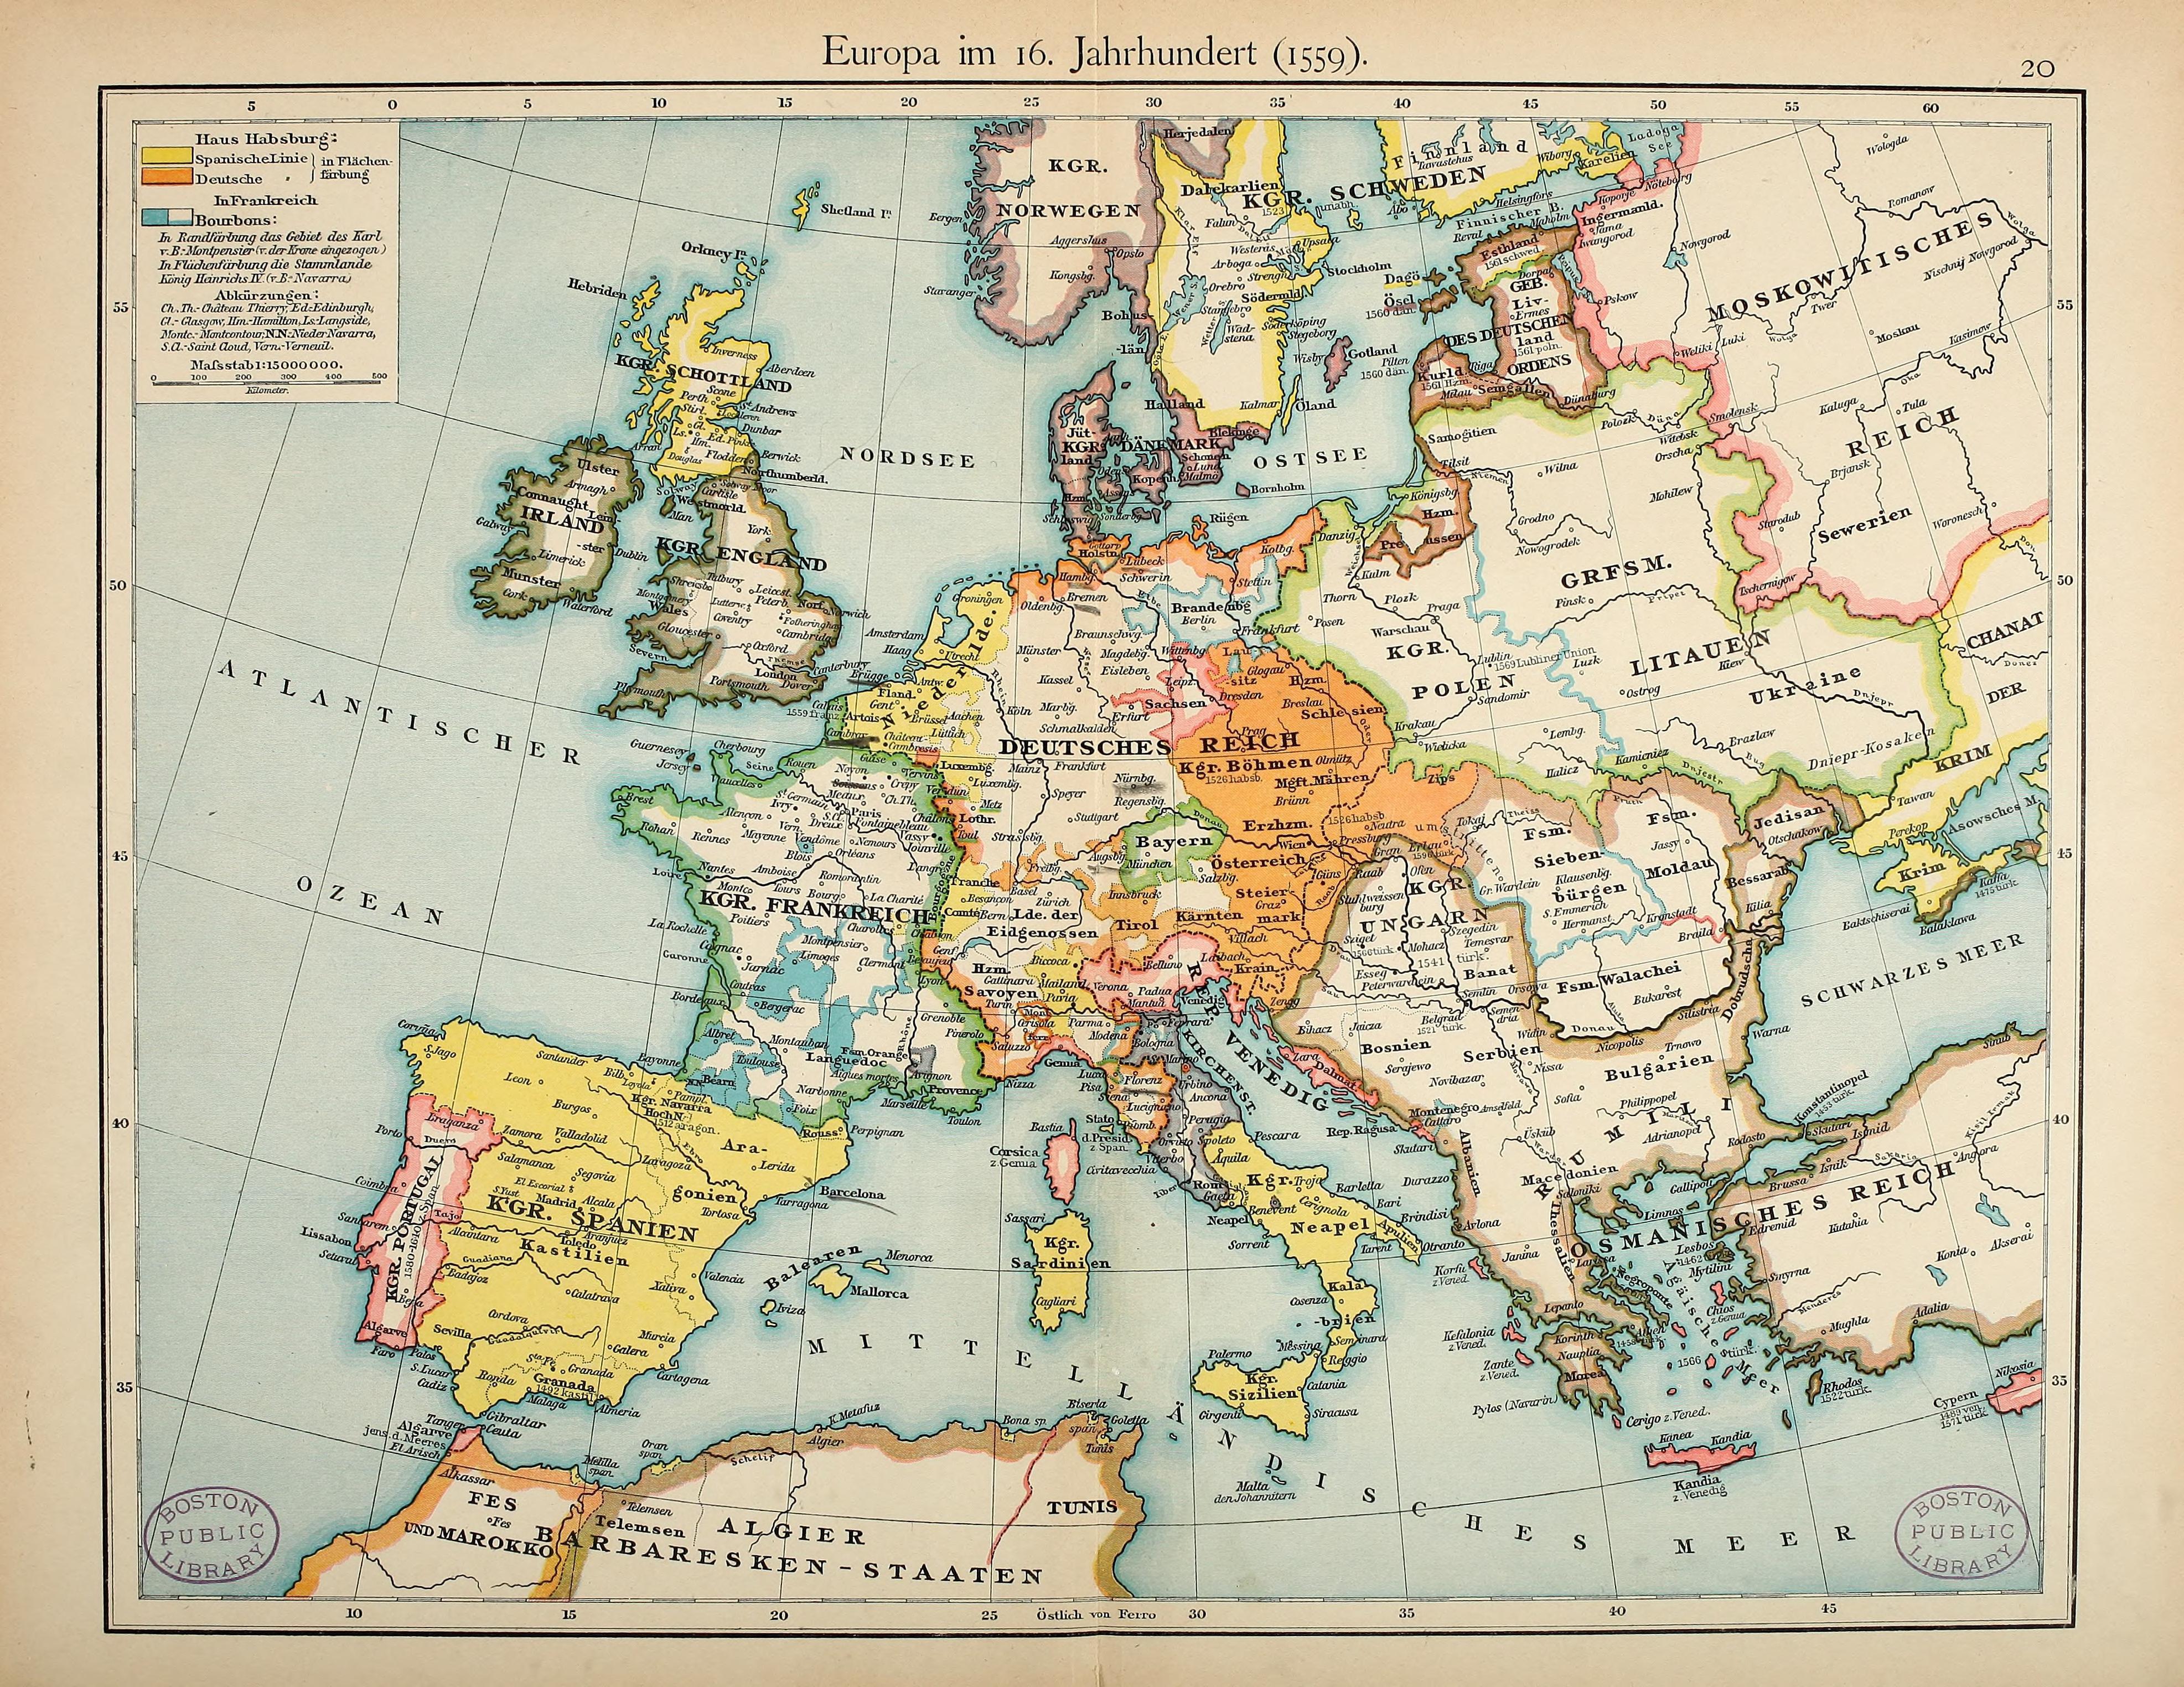 File:(Putzger) Europe 1559.jpg